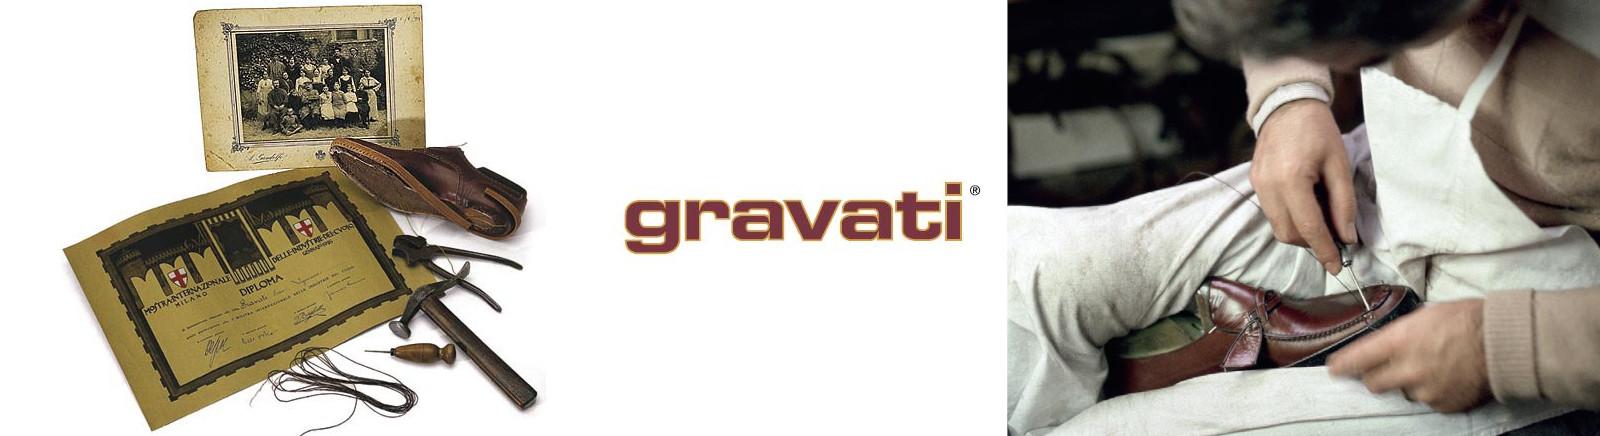 Gravati Schuhe für Damen und Herren bei Prange online entdecken!